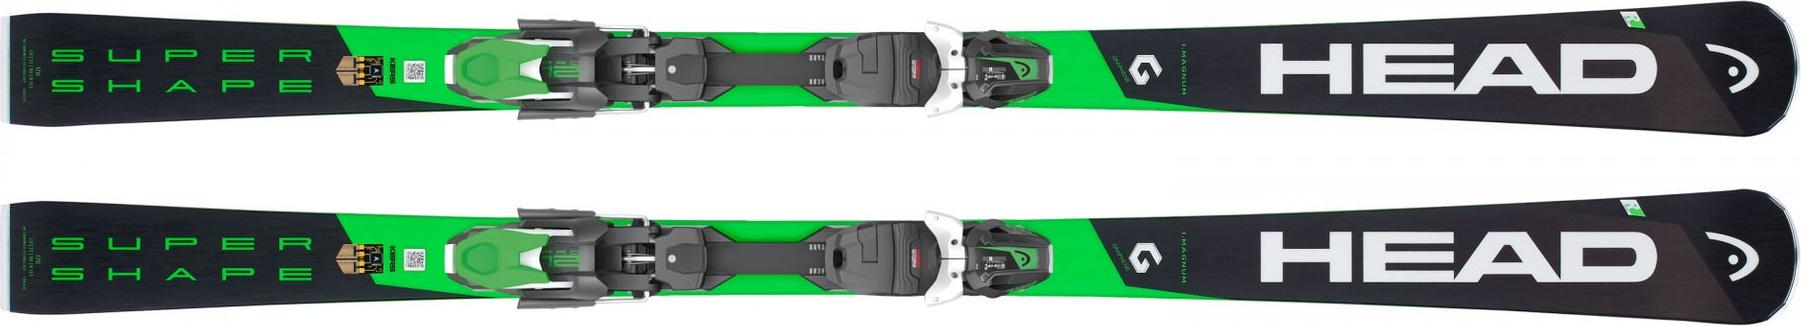 Горные лыжи Head Supershape i.Magnum SW MFPR + PRD 12 2019, 163 см фото